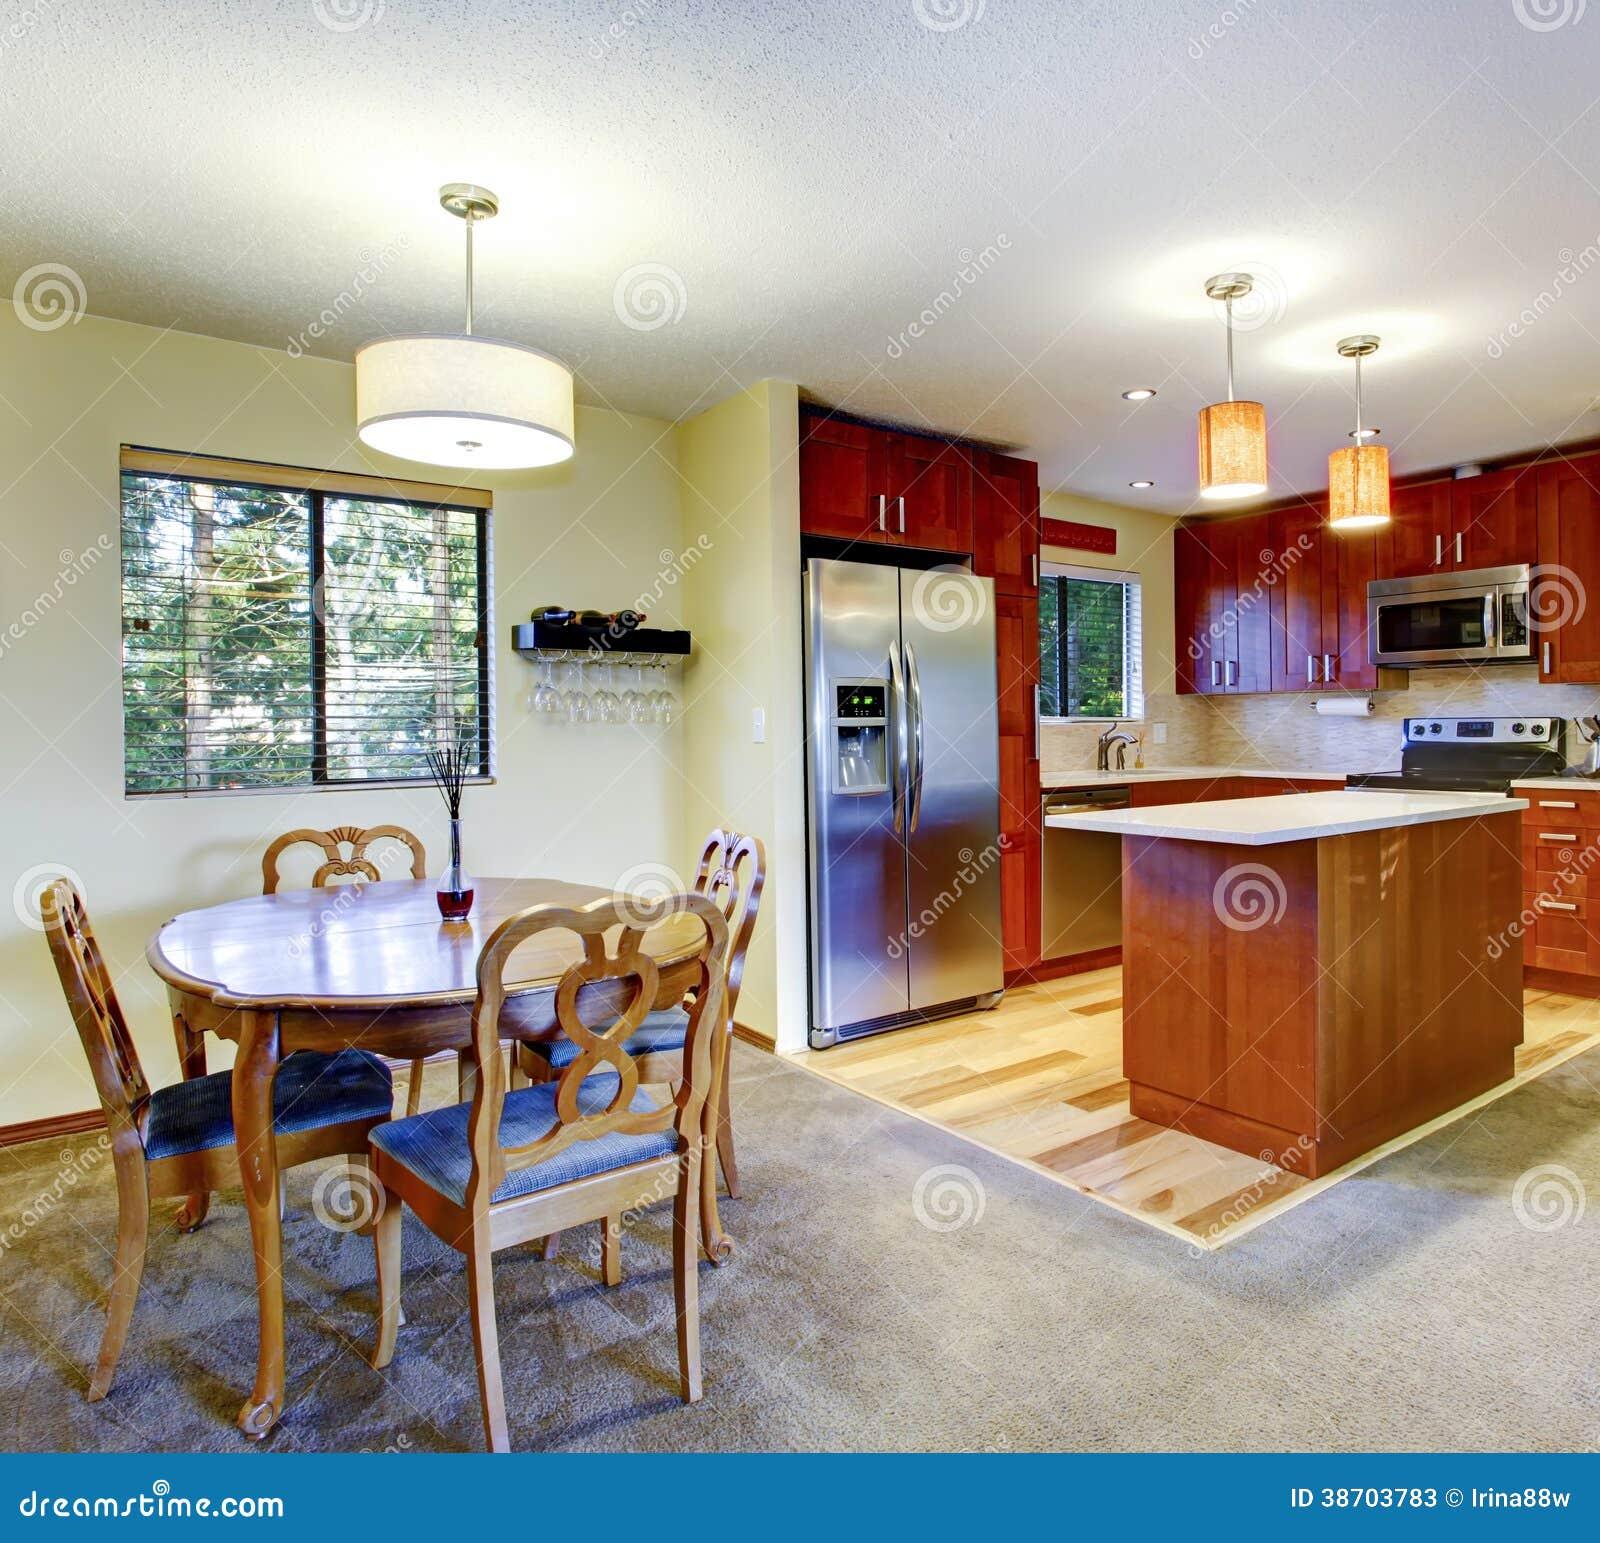 Pareti Cucina Giallo: Della cucina su mobiletti di armadi e cucine.